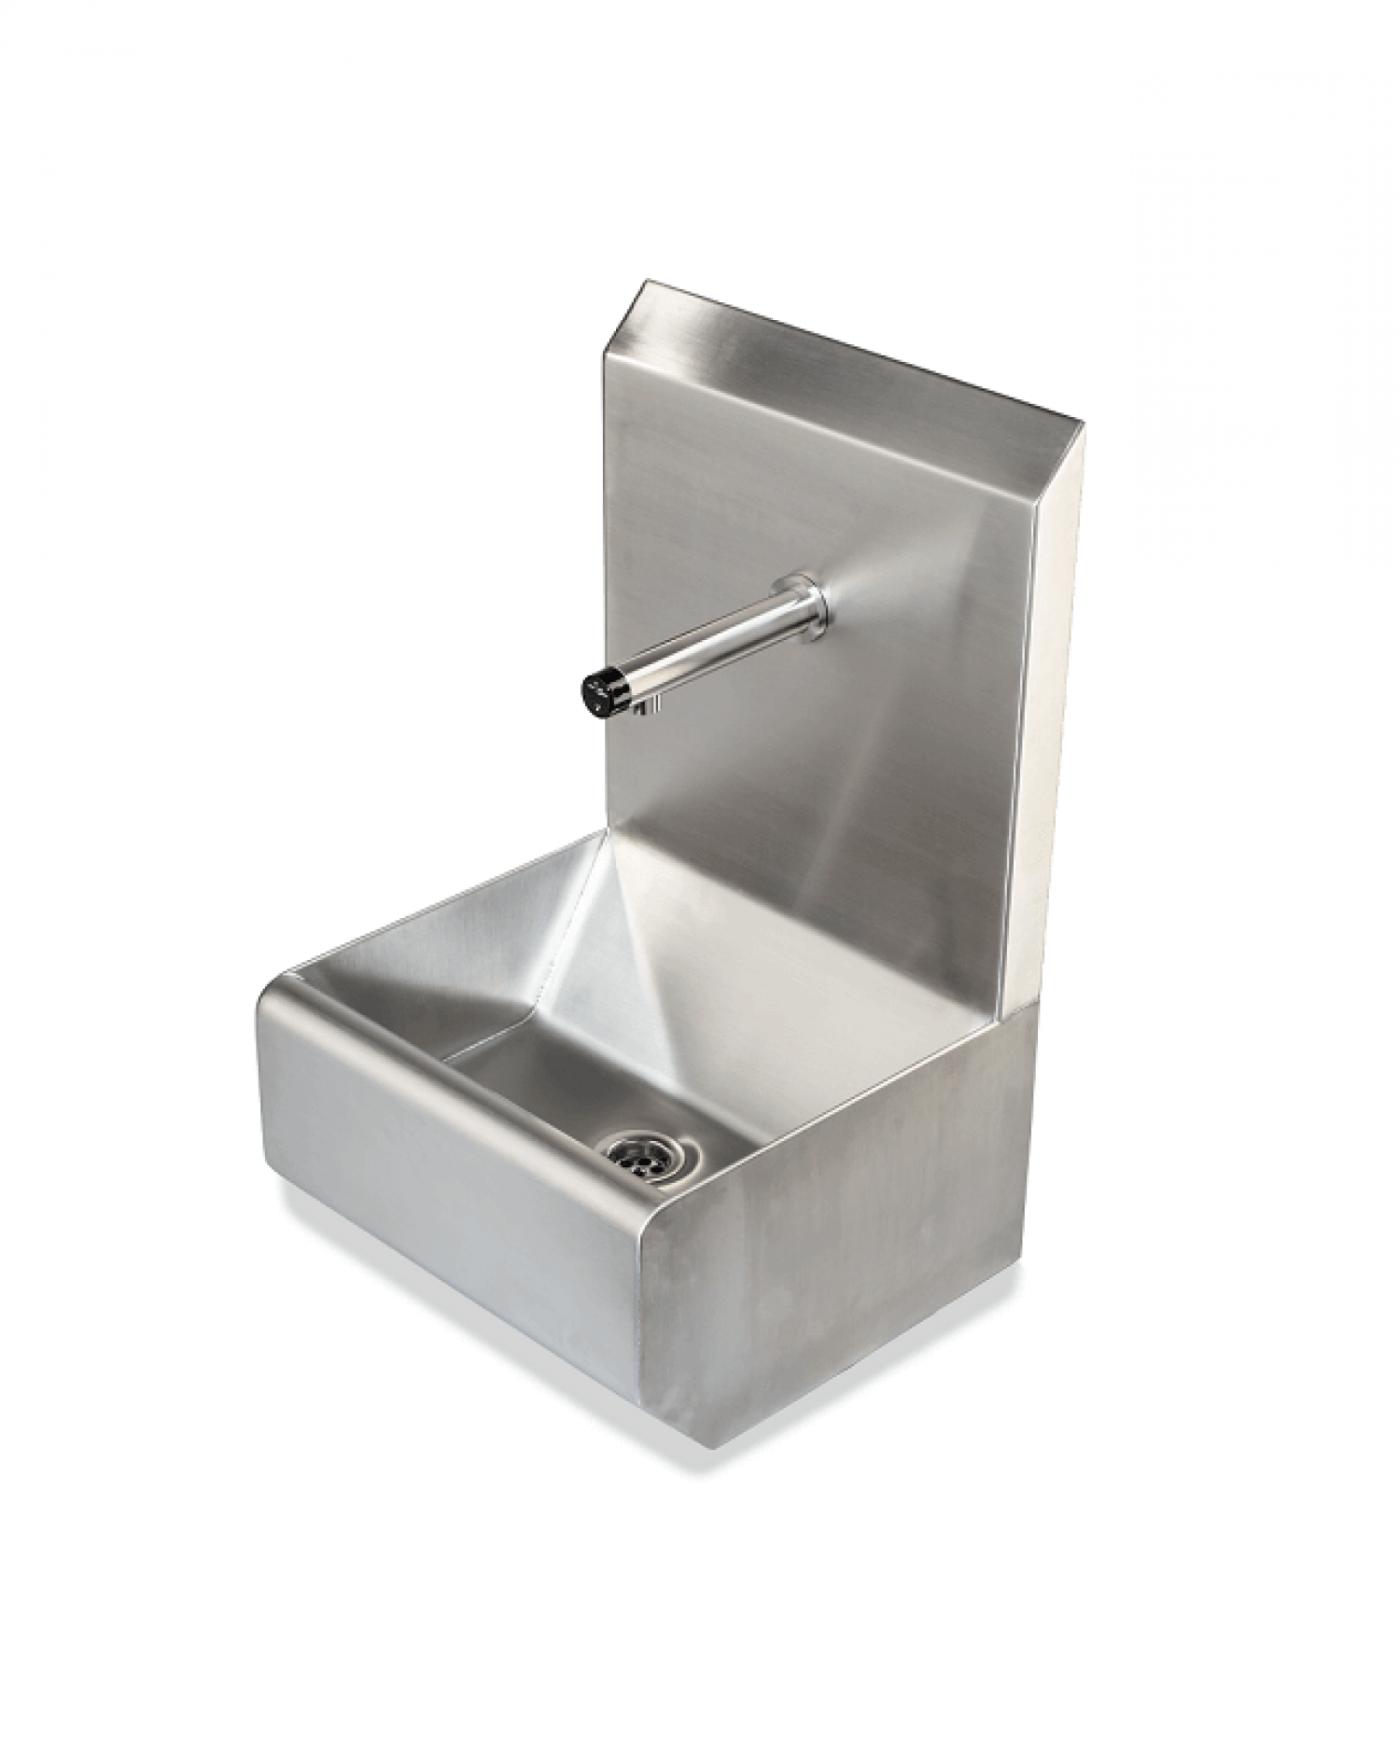 Handwaschrinne und Handwaschbekcen aus Edelstahl